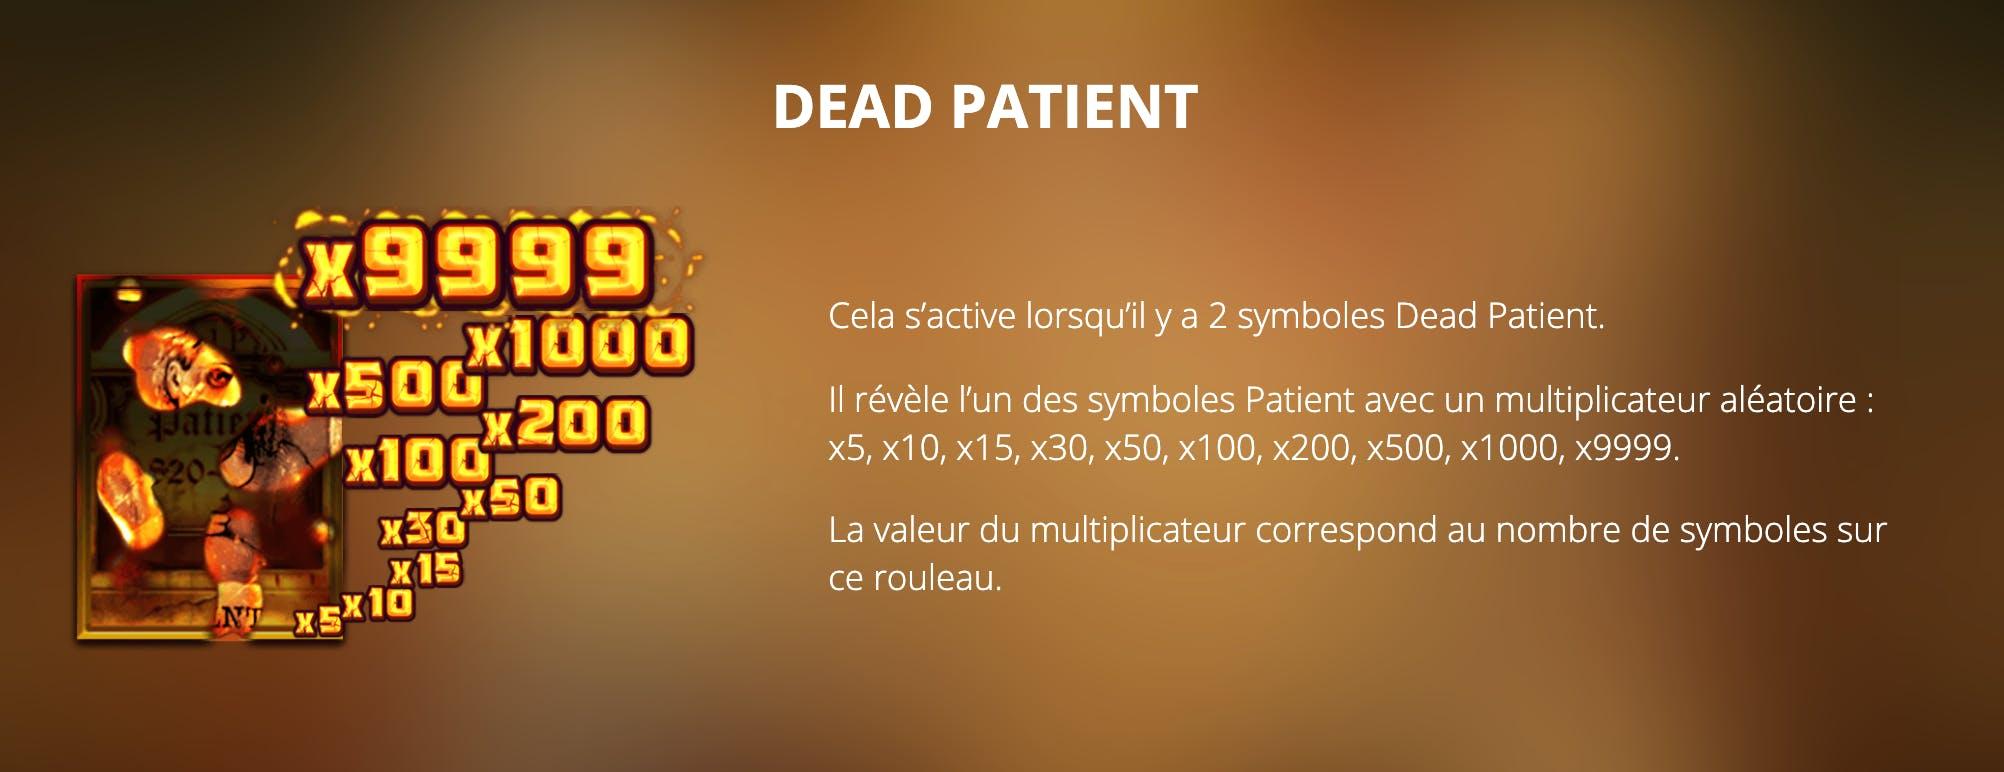 Dead Patient